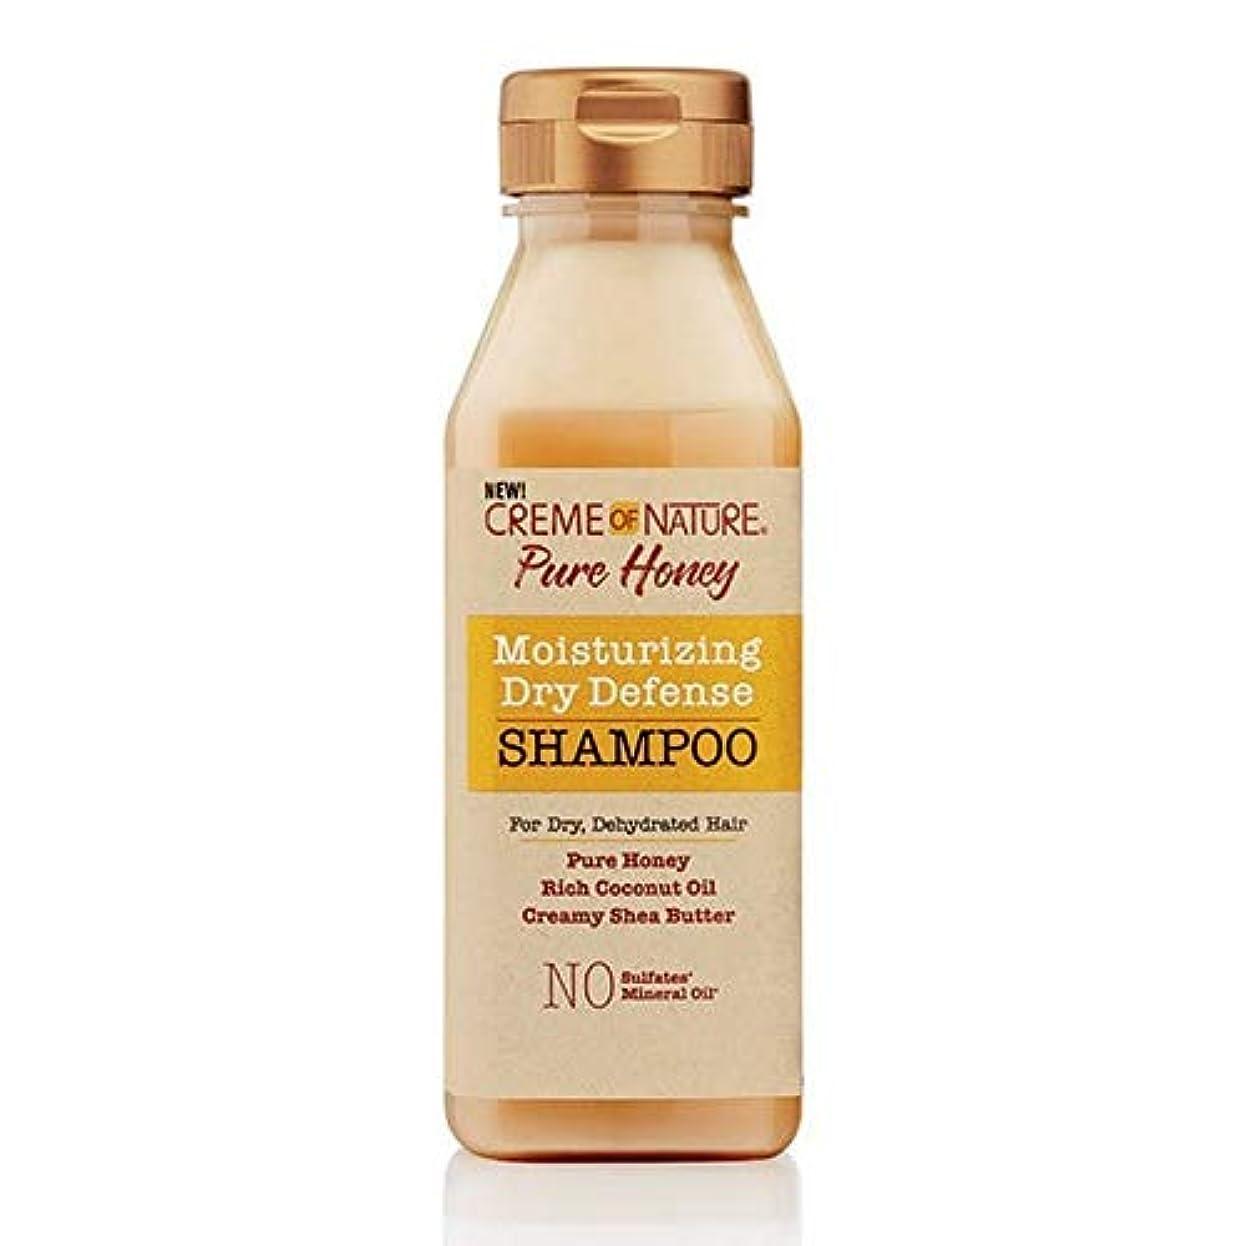 手入れ責任添付[Creme of Nature ] 自然の純粋な蜂蜜の保湿乾燥防衛シャンプーのクリーム - Creme of Nature Pure Honey Moisturising Dry Defence Shampoo [並行輸入品]